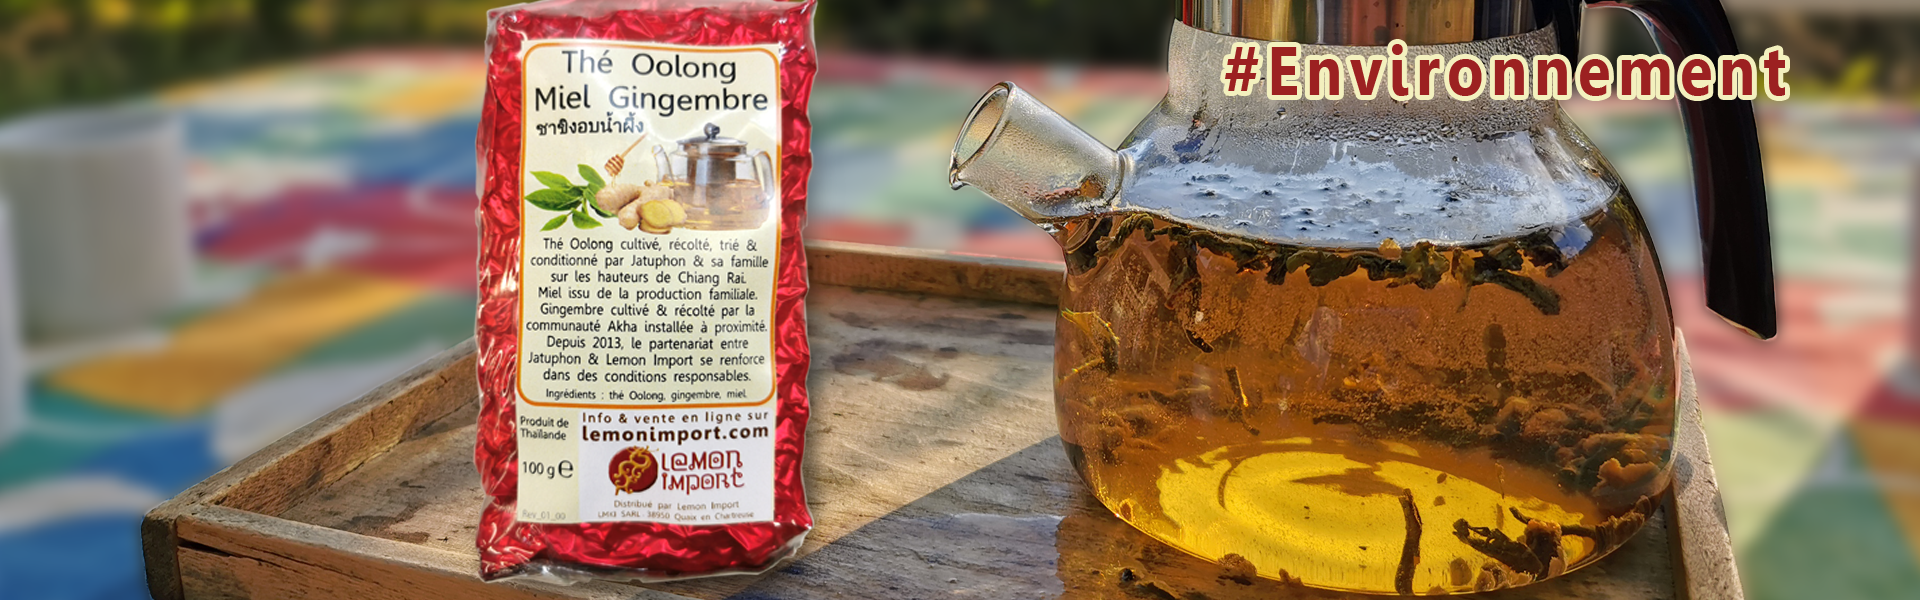 Un thé Oolong chaleureux, long en bouche & délicatement épicé présenté dans un emballage réduit au nécessaire.